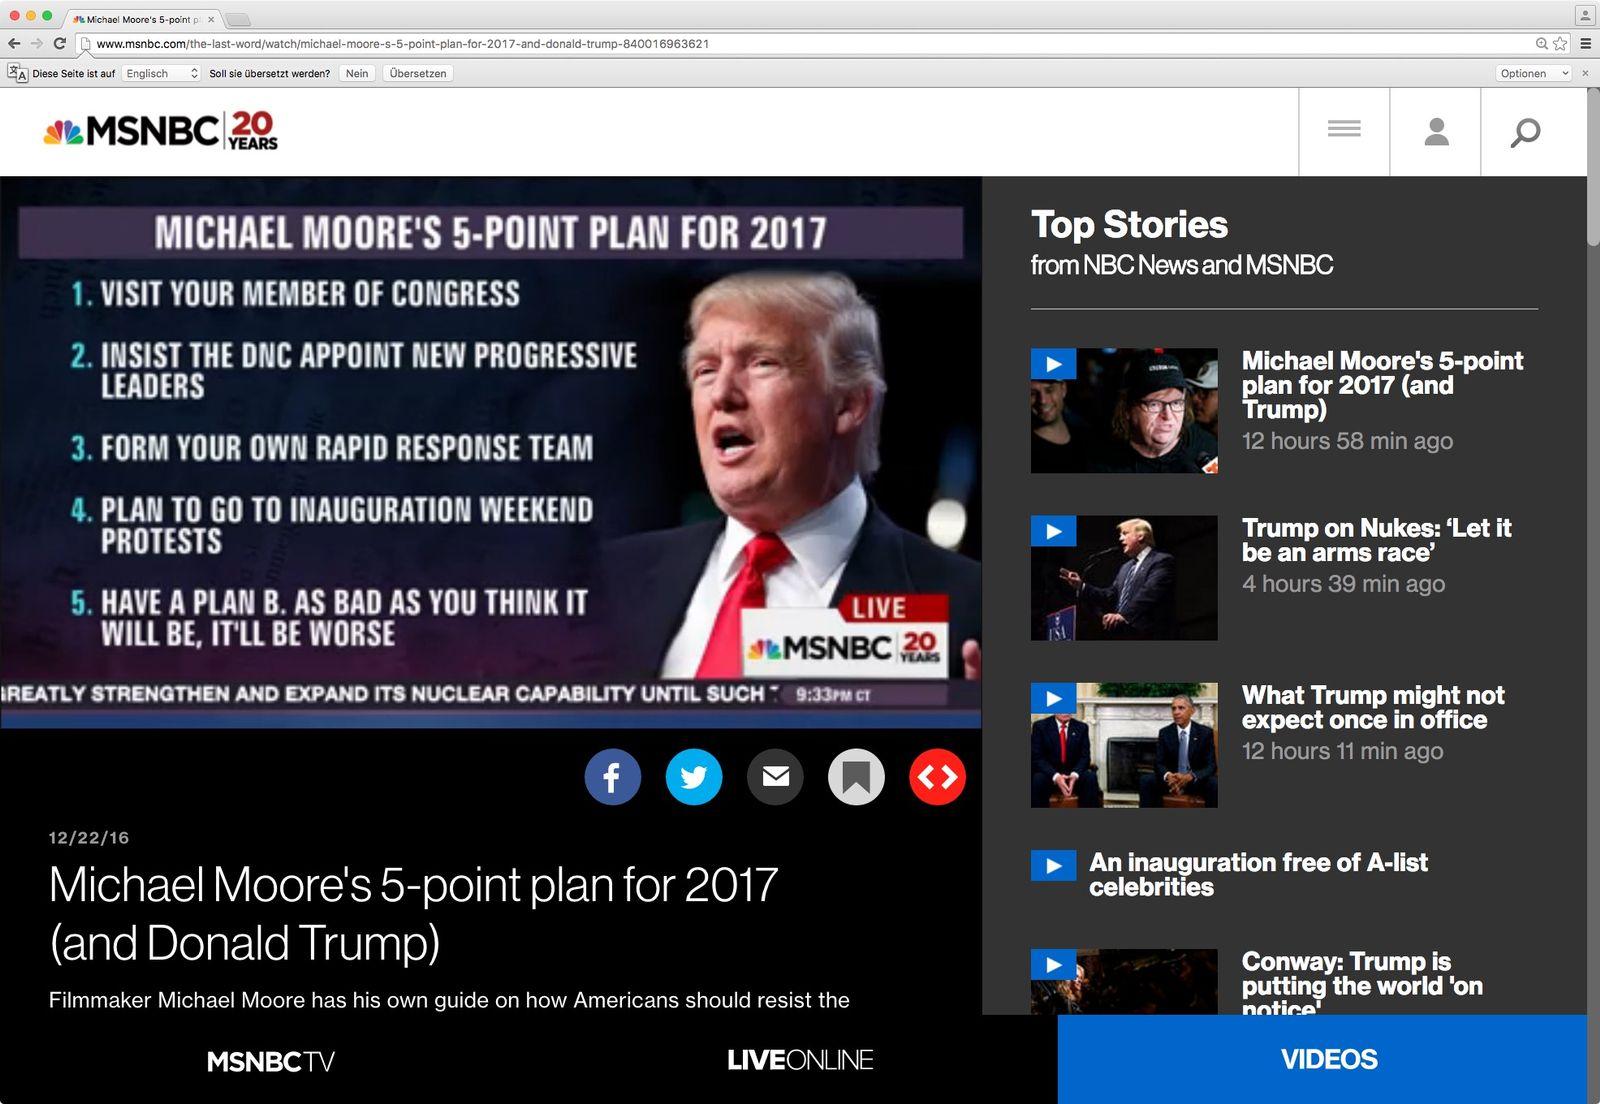 NUR ALS ZITAT VERWENDEN Michael Moore/ 5-Punkte Plan für 2017